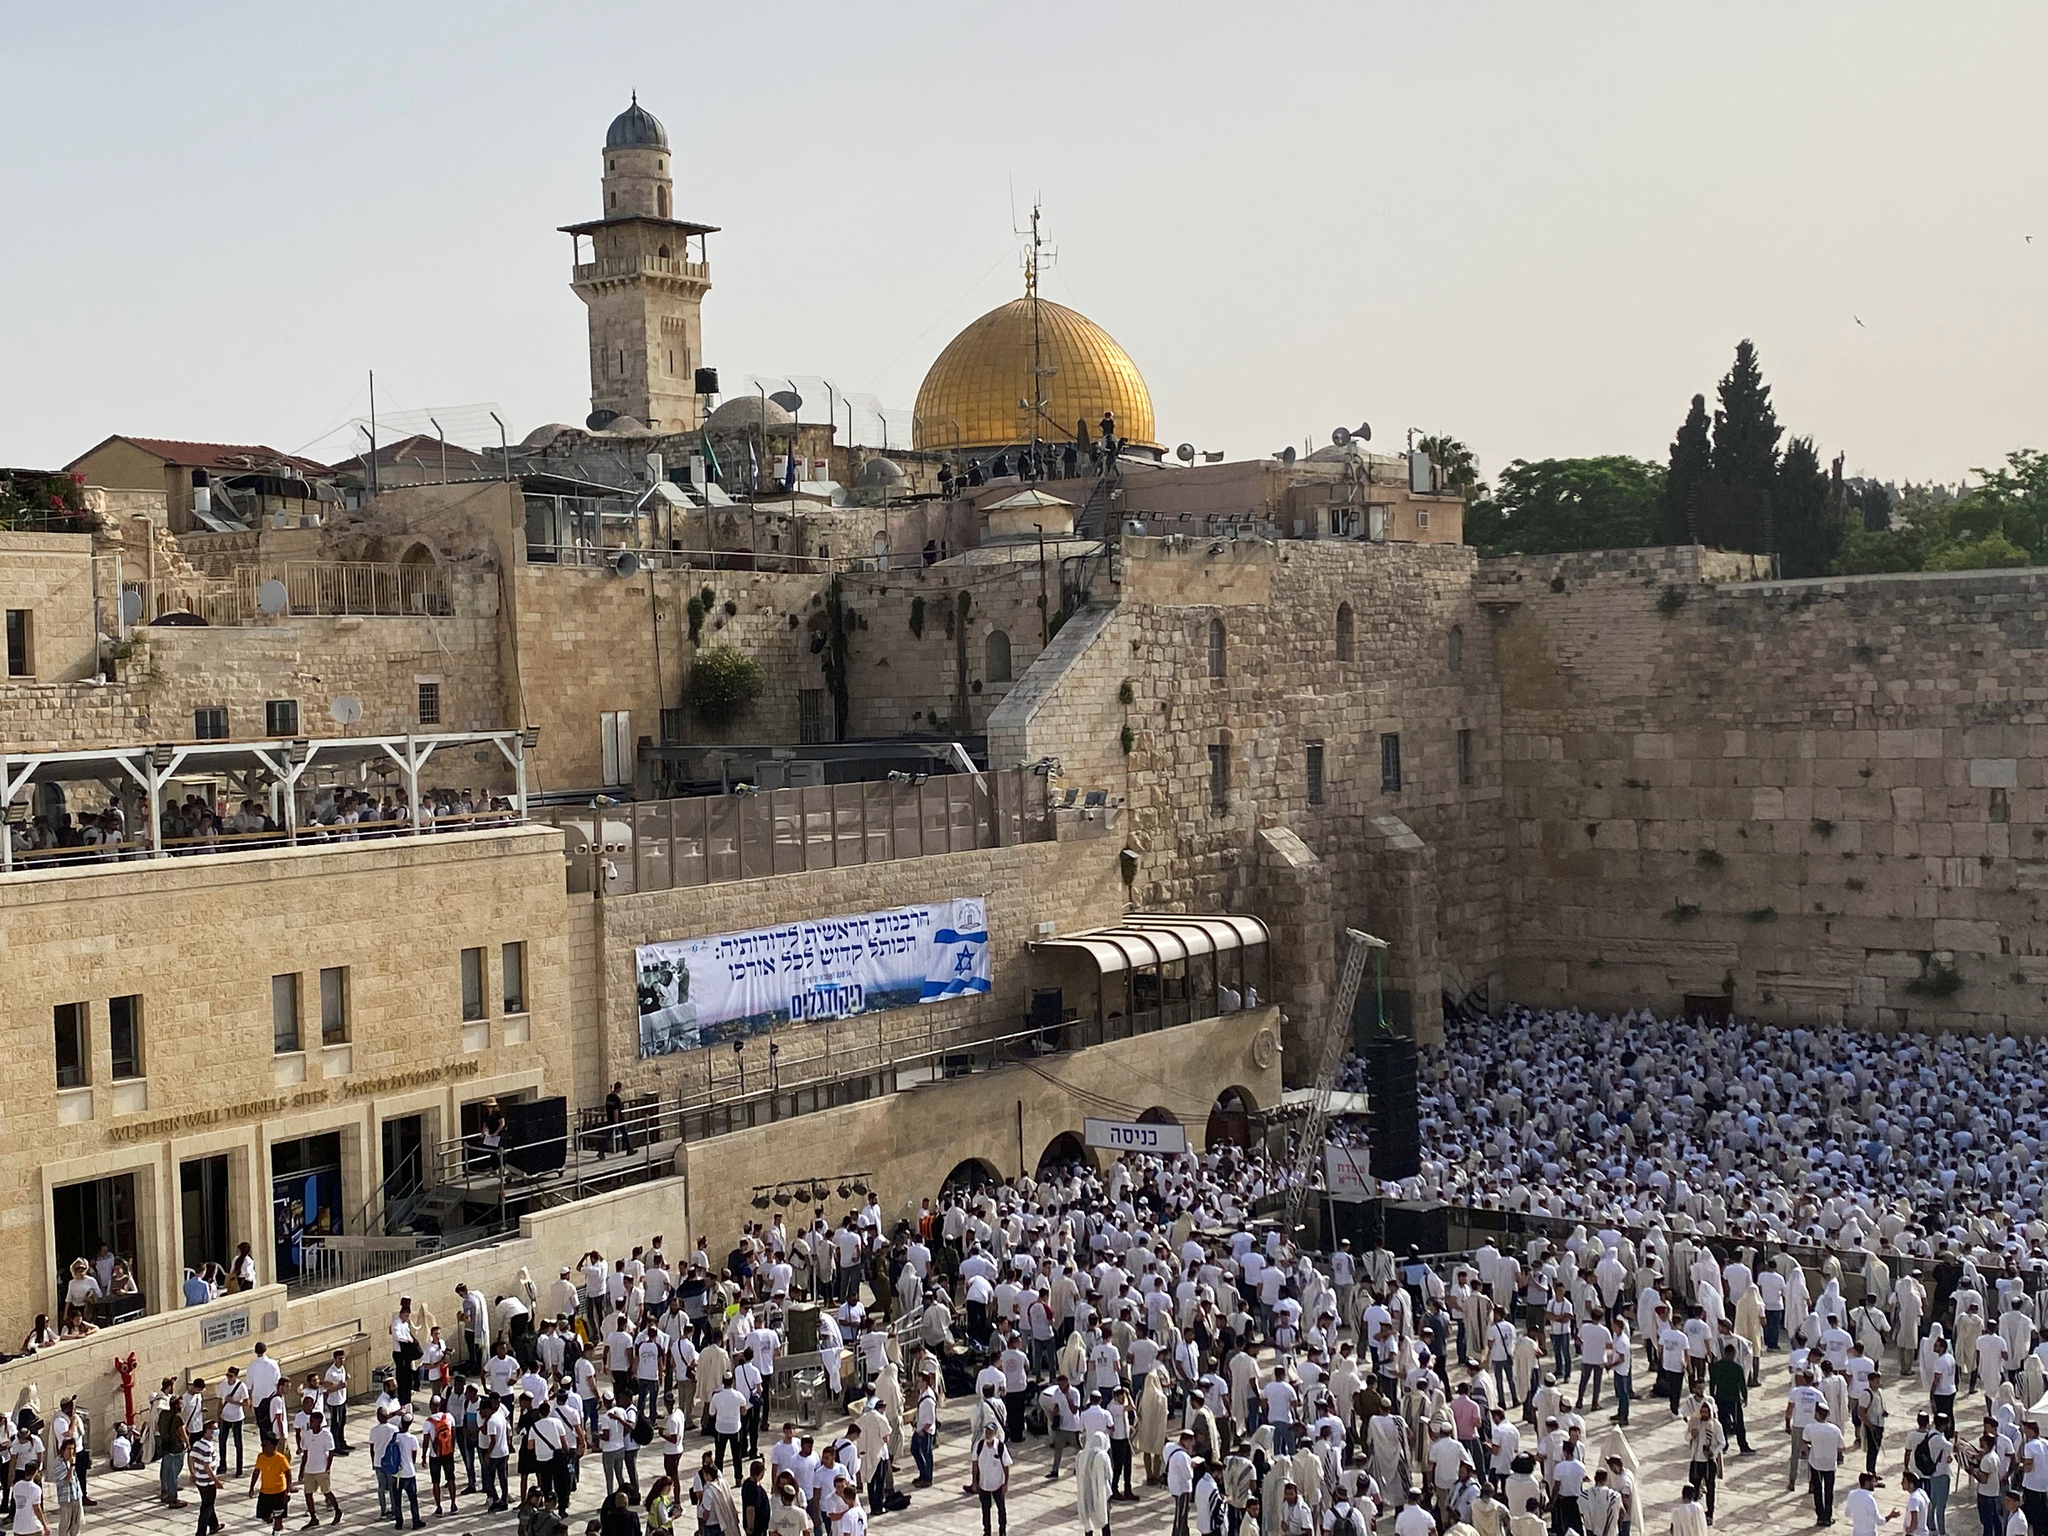 10일(현지시간) '예루살렘의 날'을 맞아 유대인들이 올드시티 통곡의 벽에 모여 기도를 하고 있다. 로이터